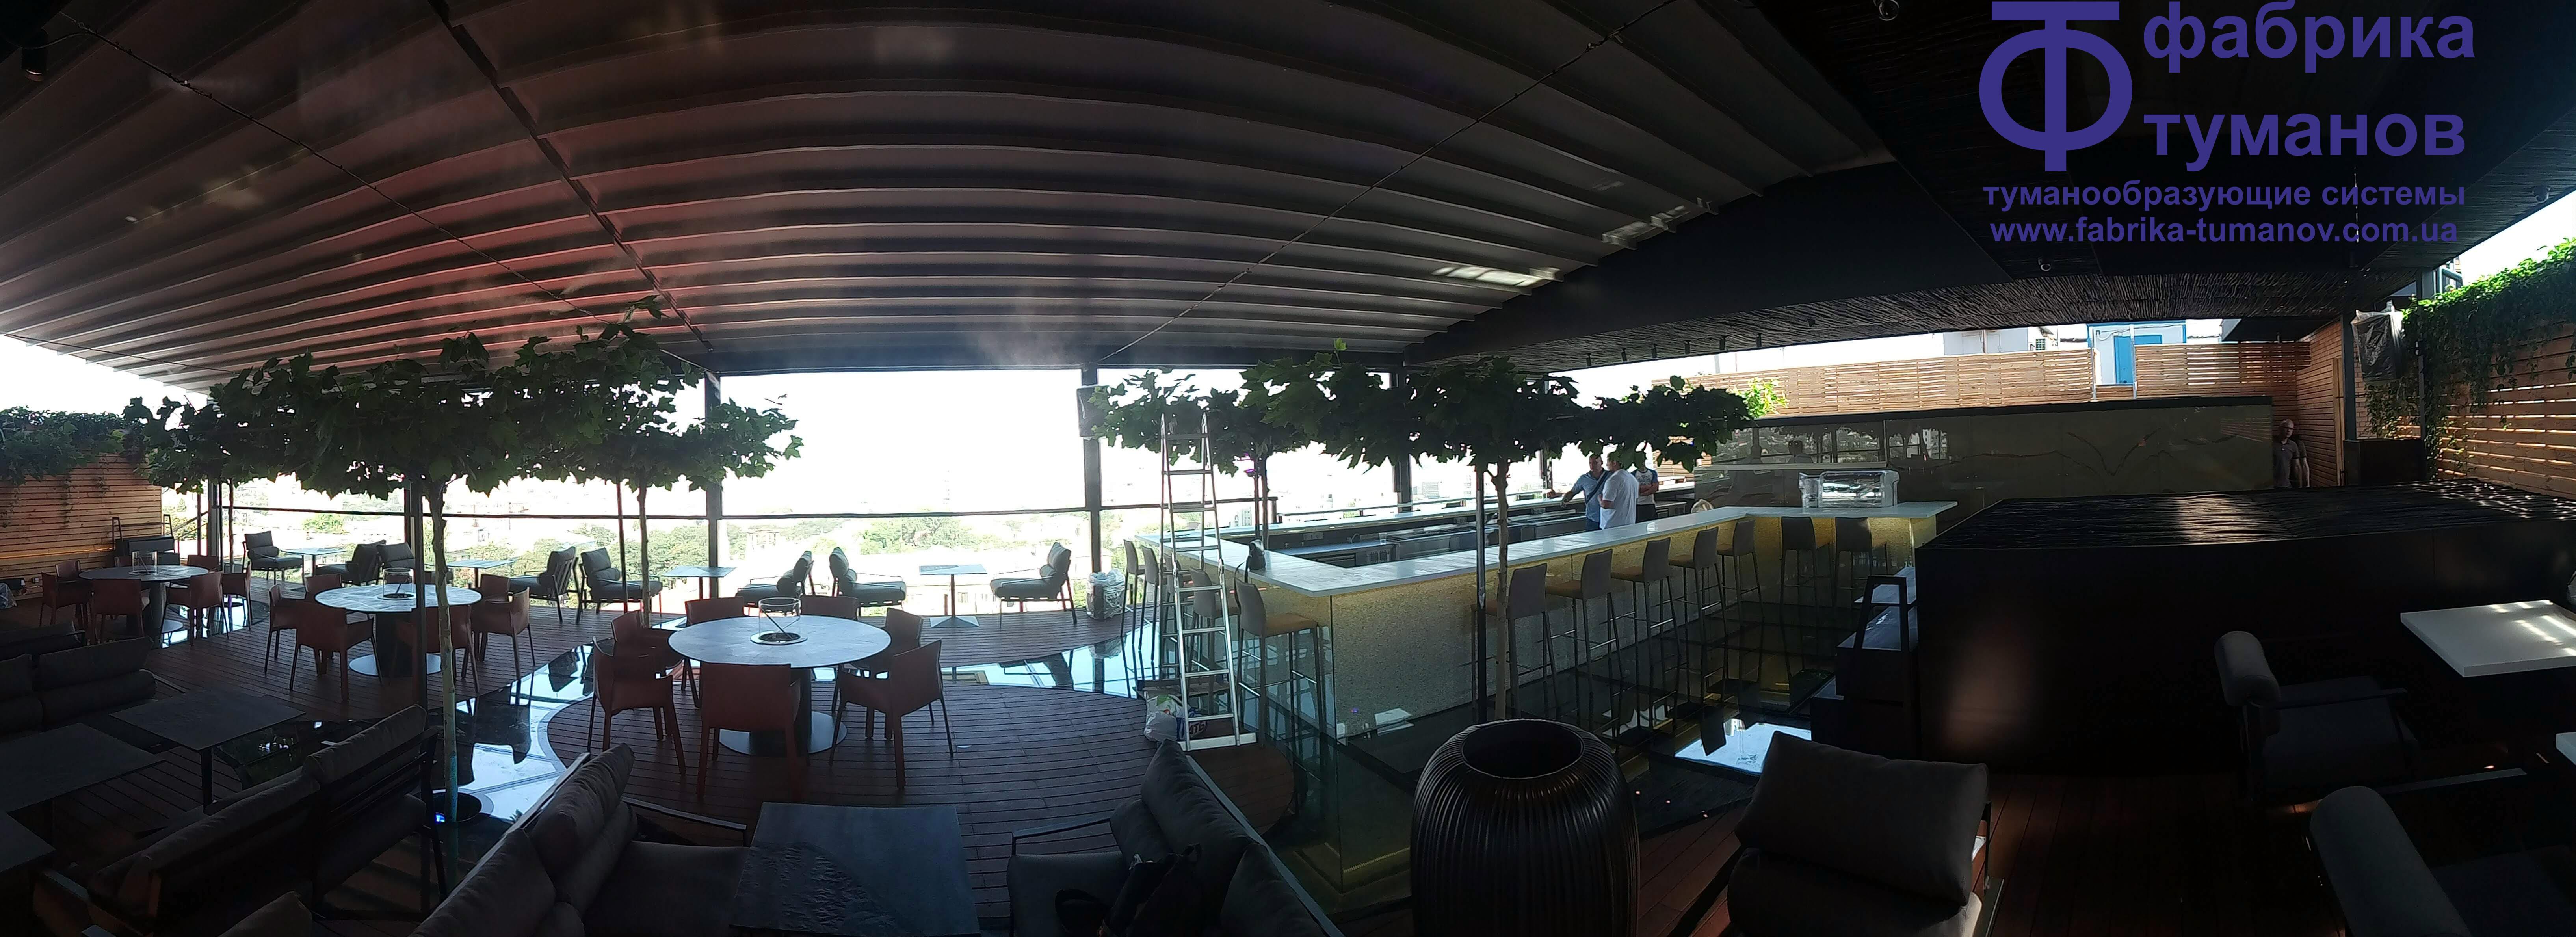 SAFARI-Restaurant-Lounge-Bar-r-9